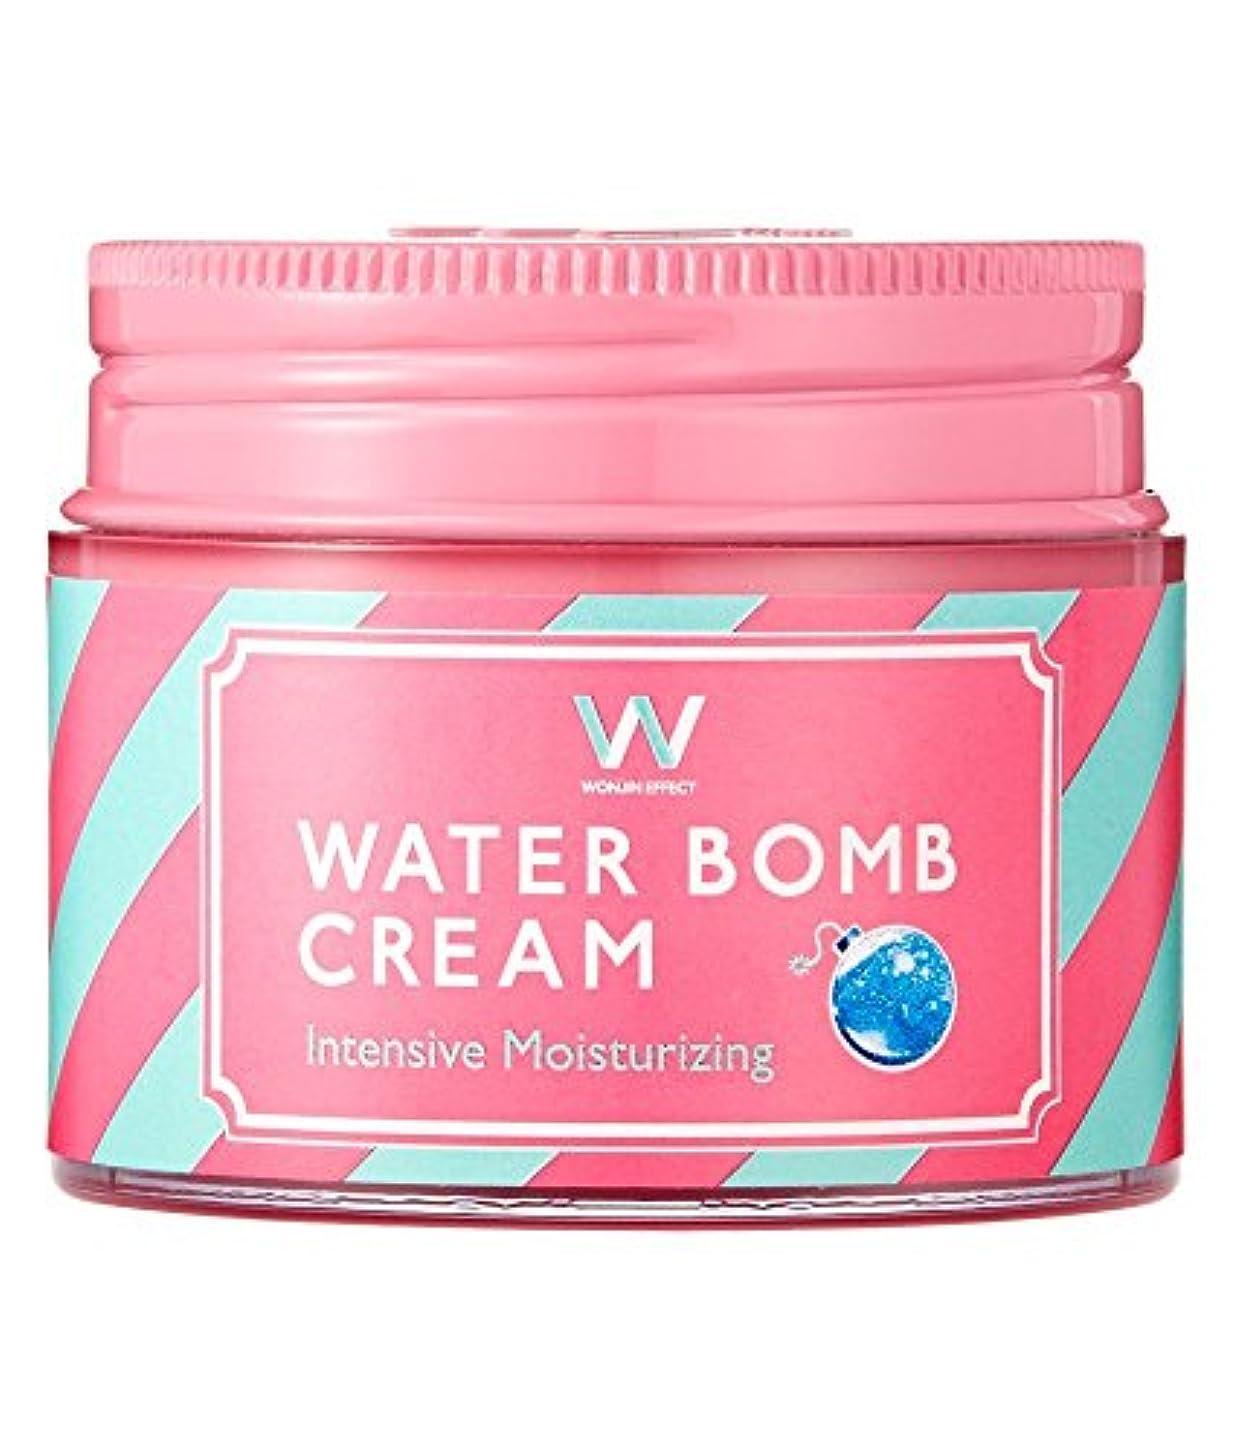 カロリー拮抗する気がついてWONJIN EFFECT ウォンジンエフェクト水爆弾クリーム/ウォーターボムクリーム [Water Bomb Cream] - 50ml, 1.69 fl. oz.